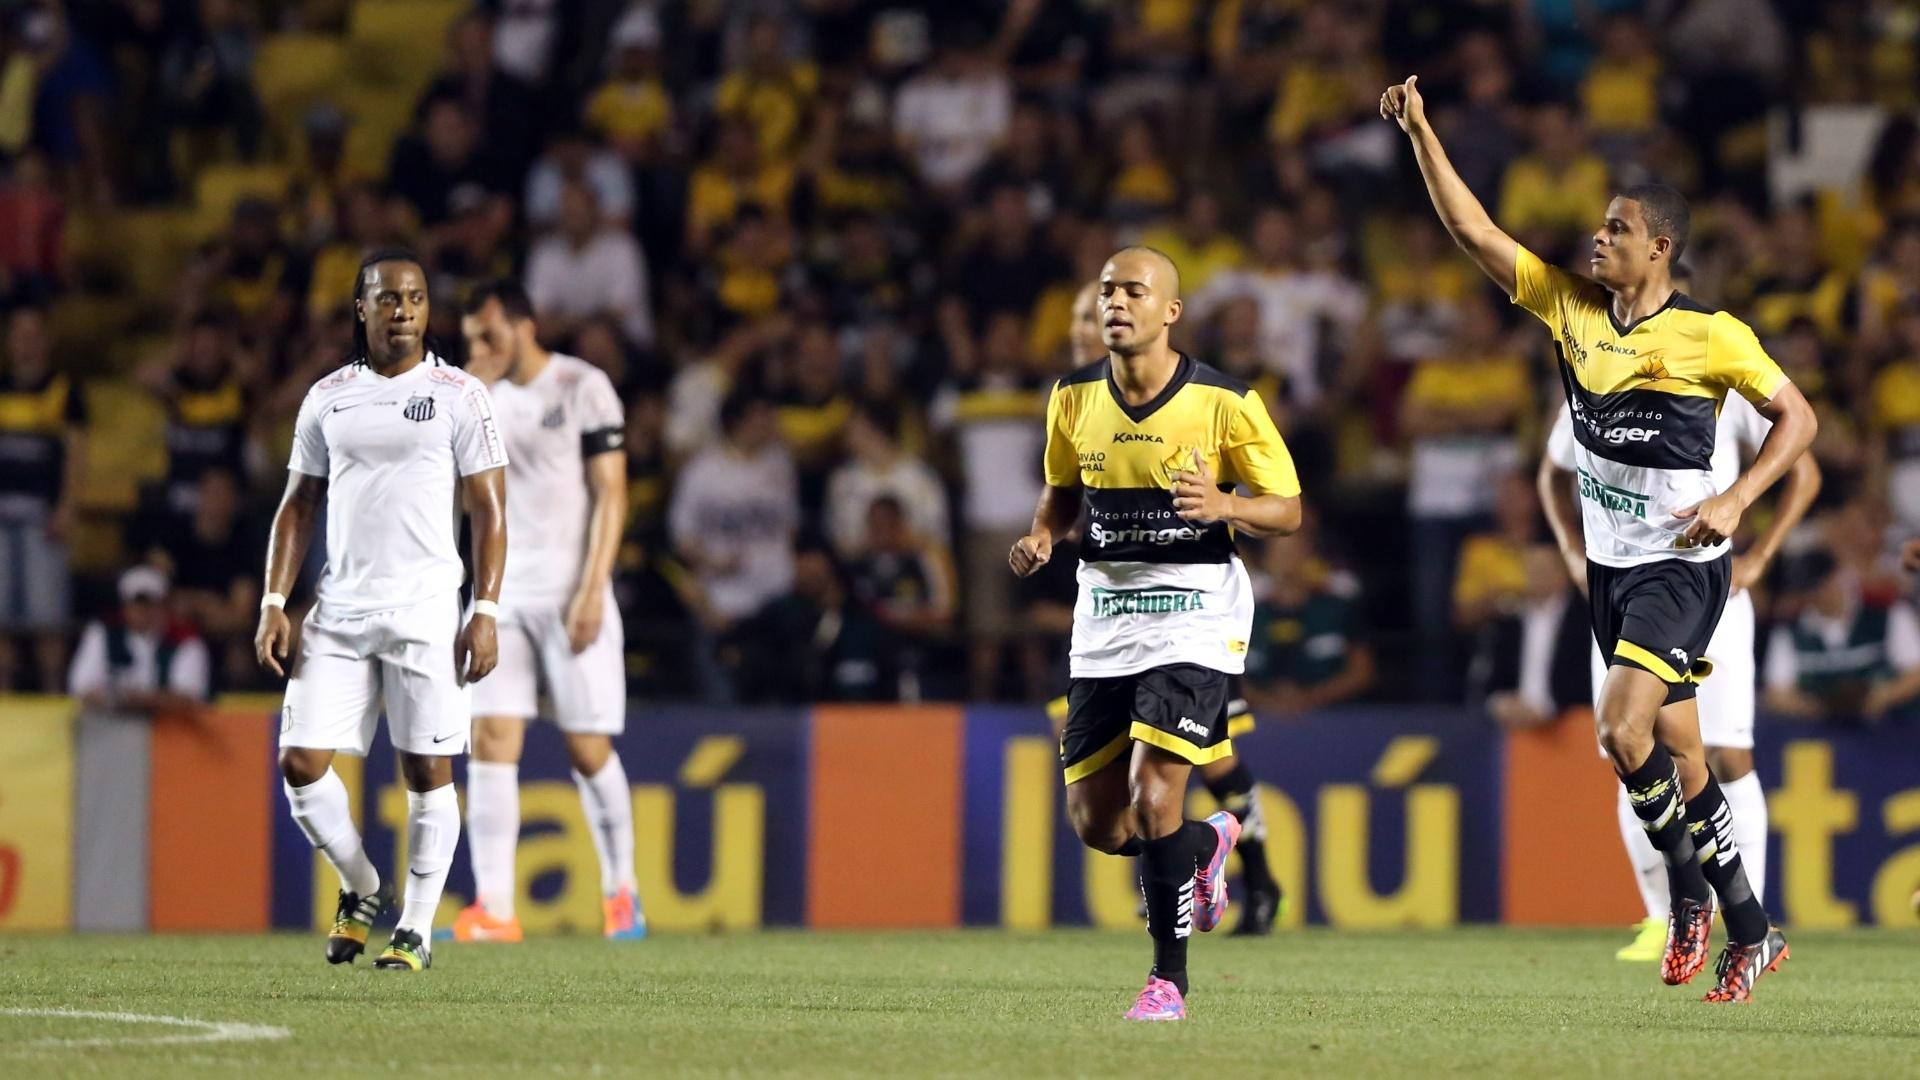 Joílson comemora primeiro gol do Criciúma contra o Santos